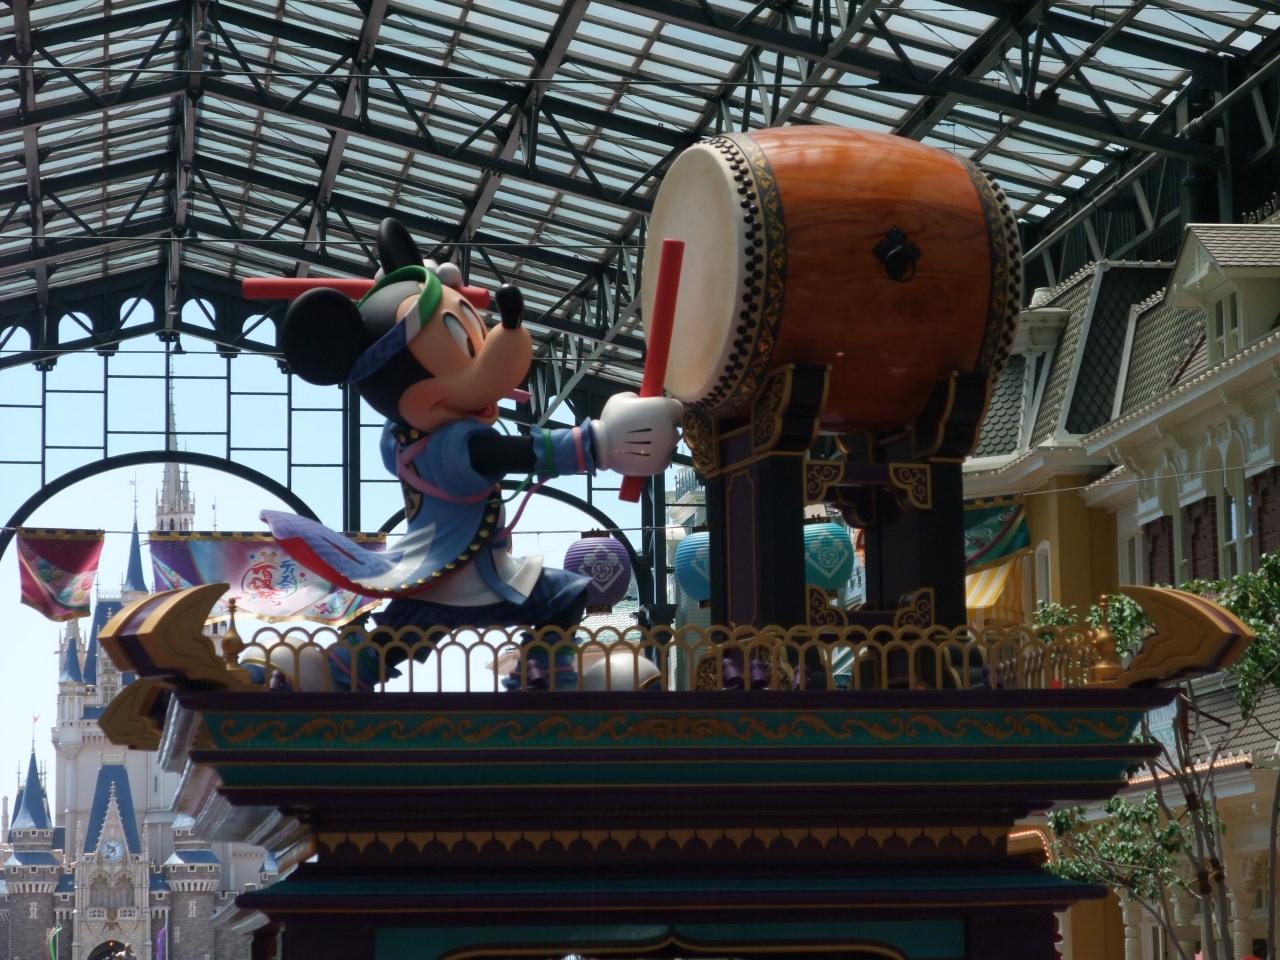 2017年も東京ディズニーランドのディズニー夏祭りへ行ってきた!【前編